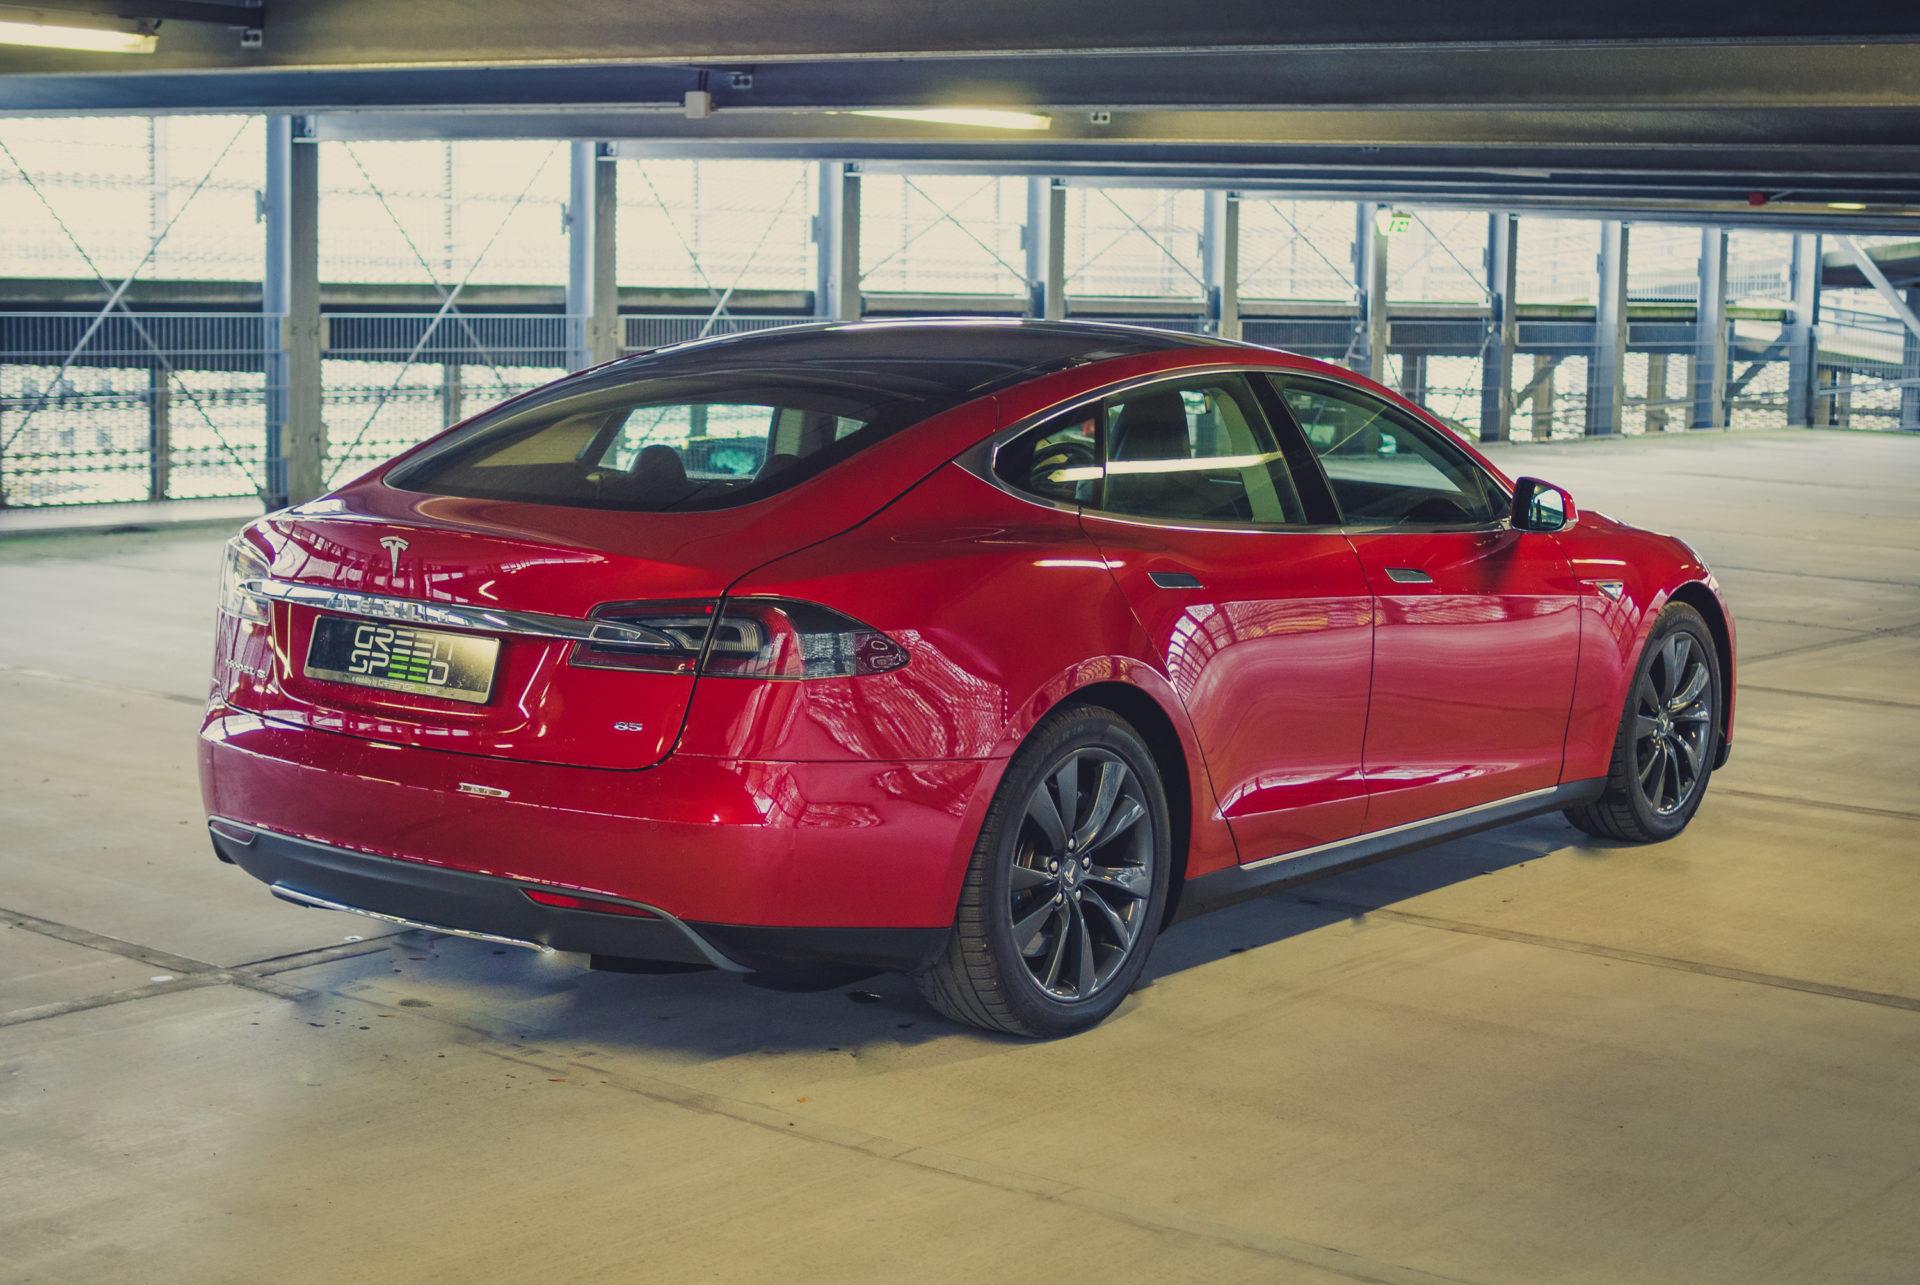 Tesla Model S85 rot Mehrschichtlack multicoat technische Daten Beschleunigung Reichweite Drehmoment Aachen greenspeed emobility Heck Heckansicht Deutschland Gebrauchtwagen kaufen